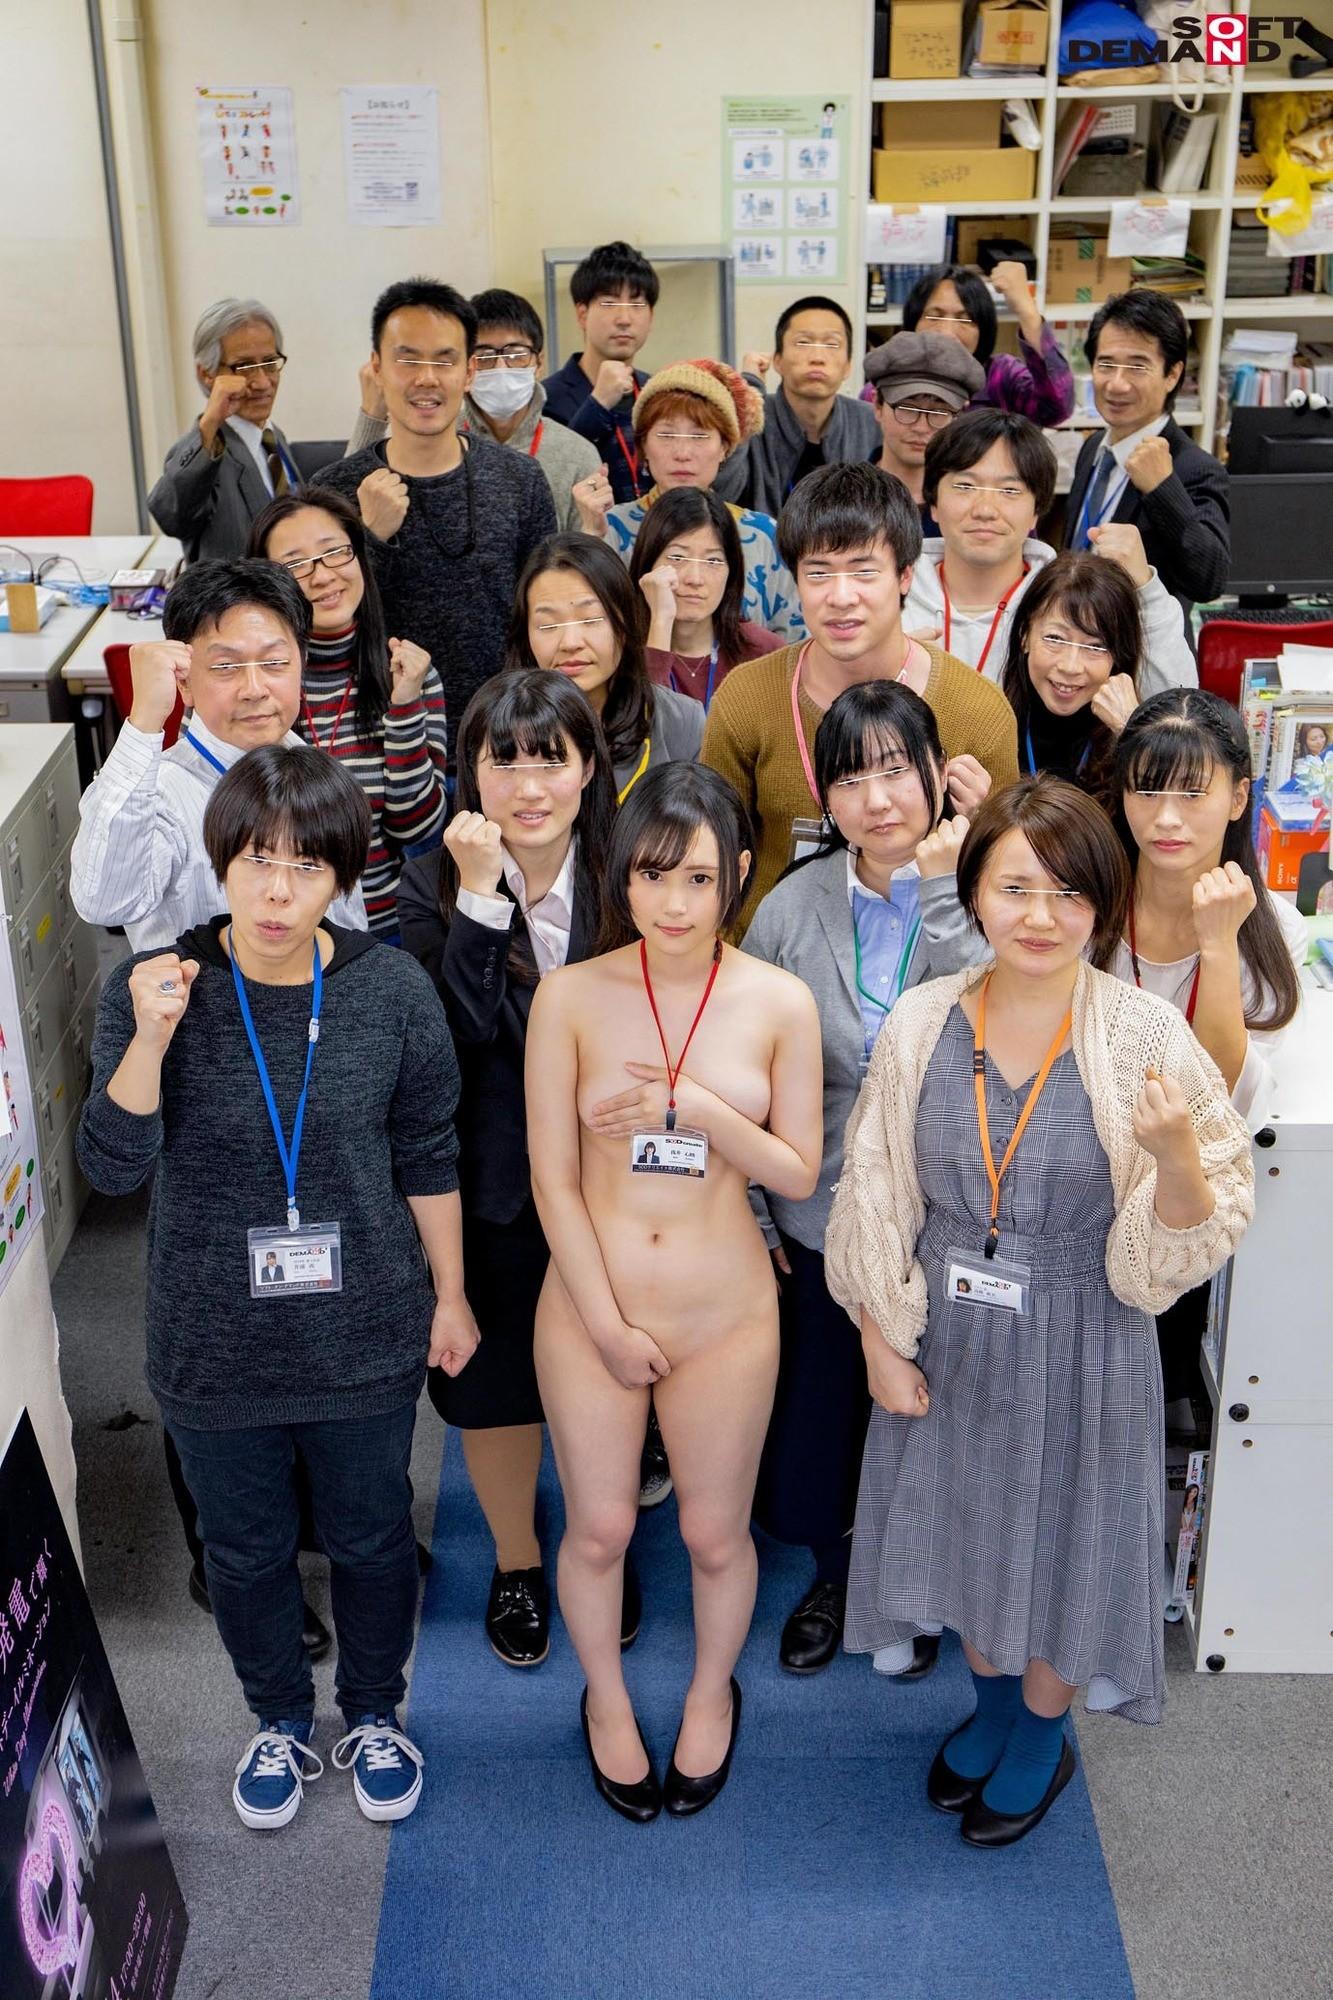 1週間全裸業務で羞恥心を克服!一回りも二回りも成長した浅井心晴の公開羞恥SEX